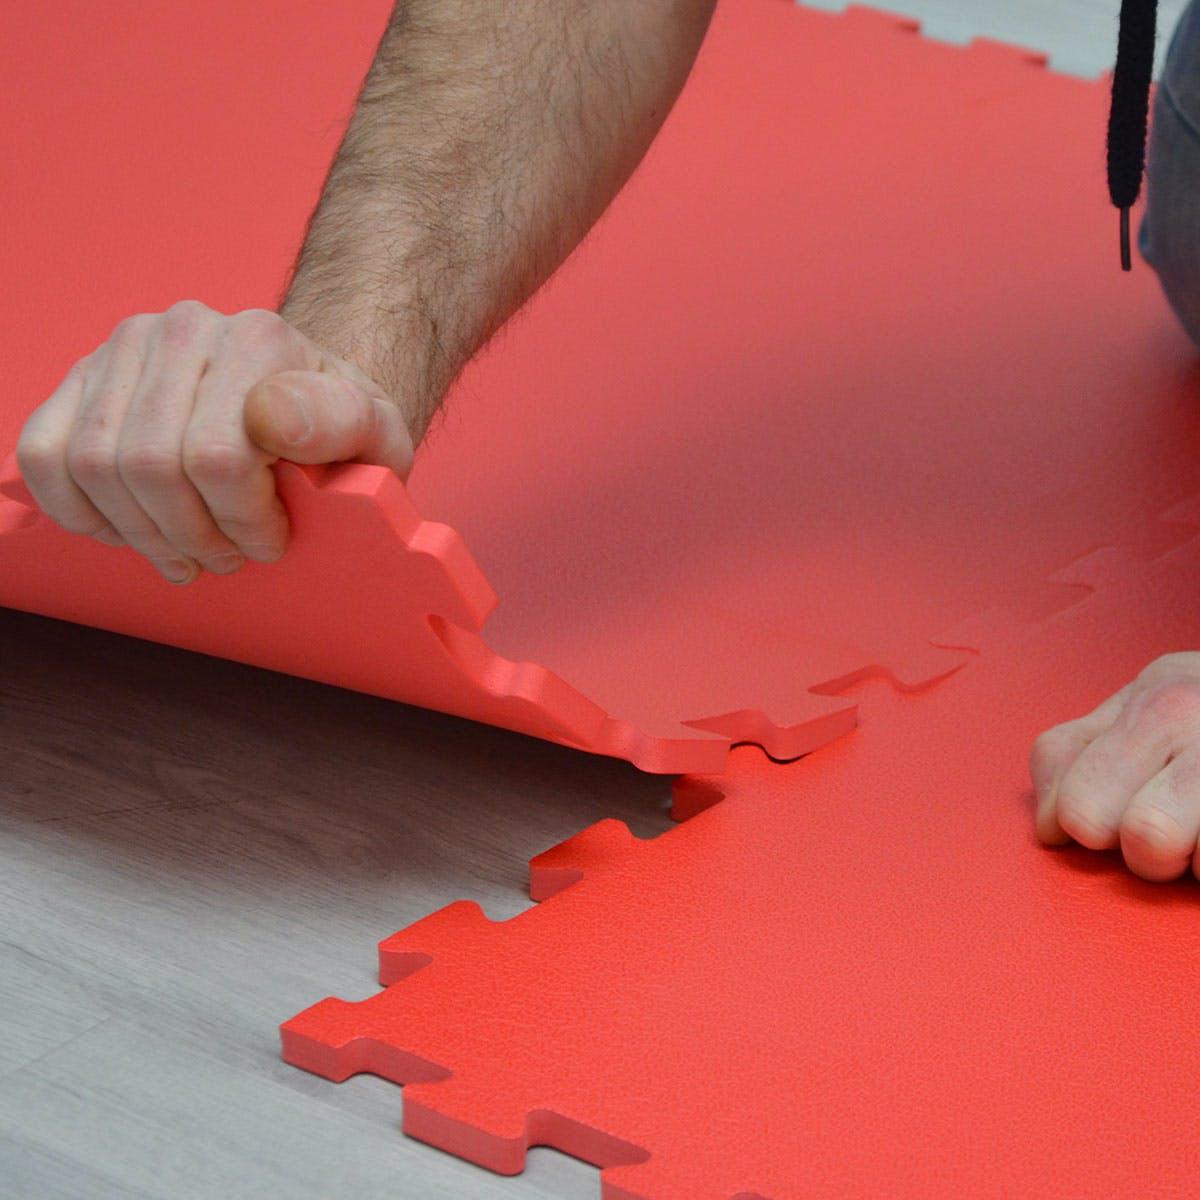 12mm dicke Bodenschutz Matte 90x90cm Trainingsmatte Yoga-PuzzleMatte erweiterbar